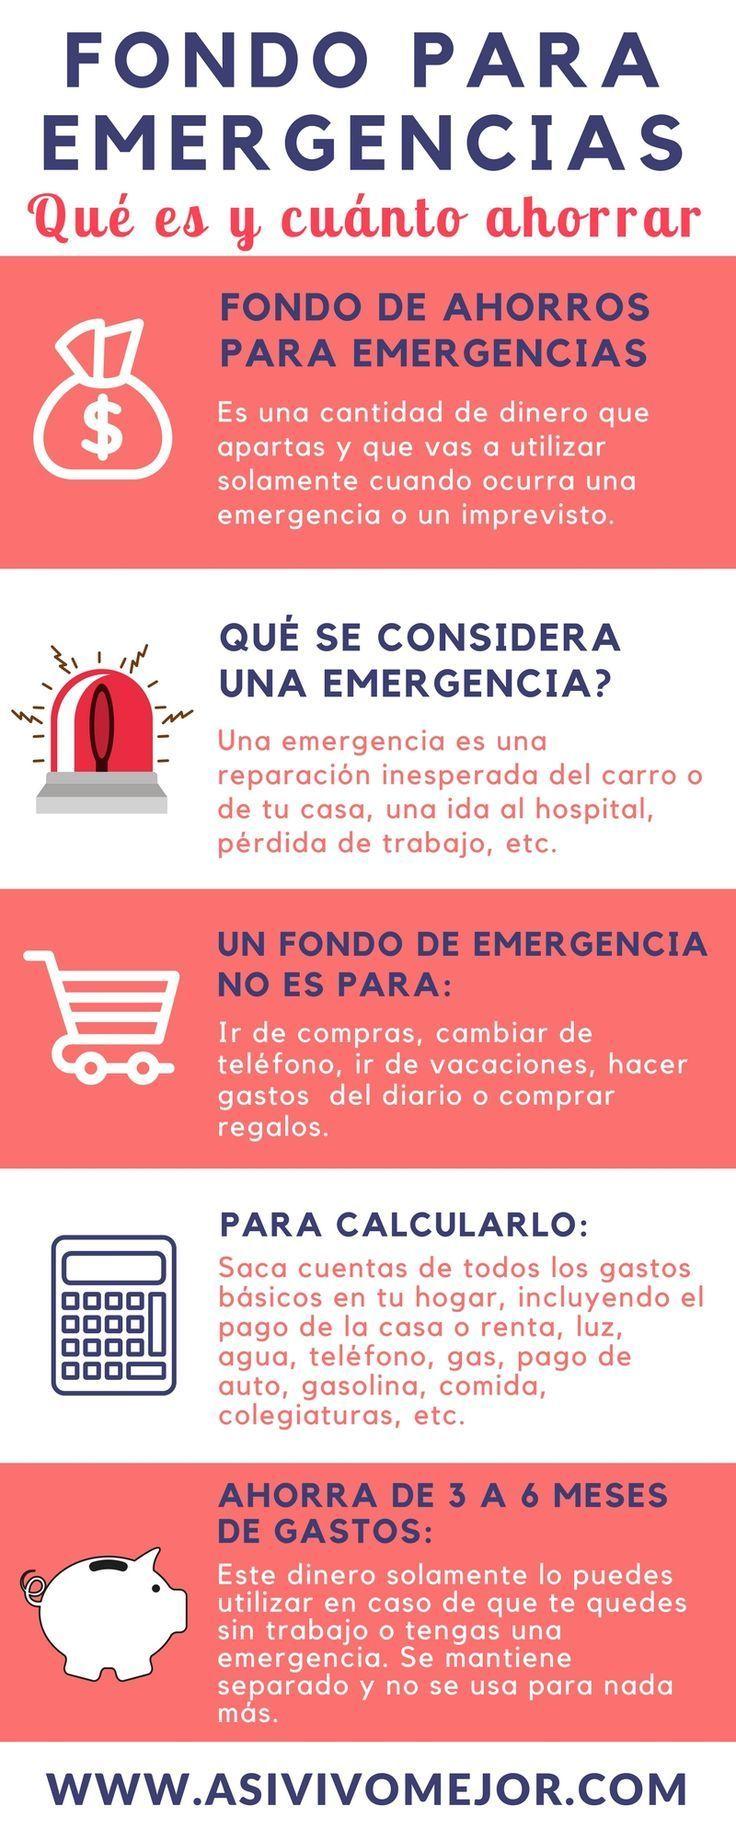 Qu� es y cu�nto debo #ahorrar en un fondo de emergencia? Aprende de #finanzaspersonales #ahorros #dinero #hispanos #asivivomejor #podcast #finanzas